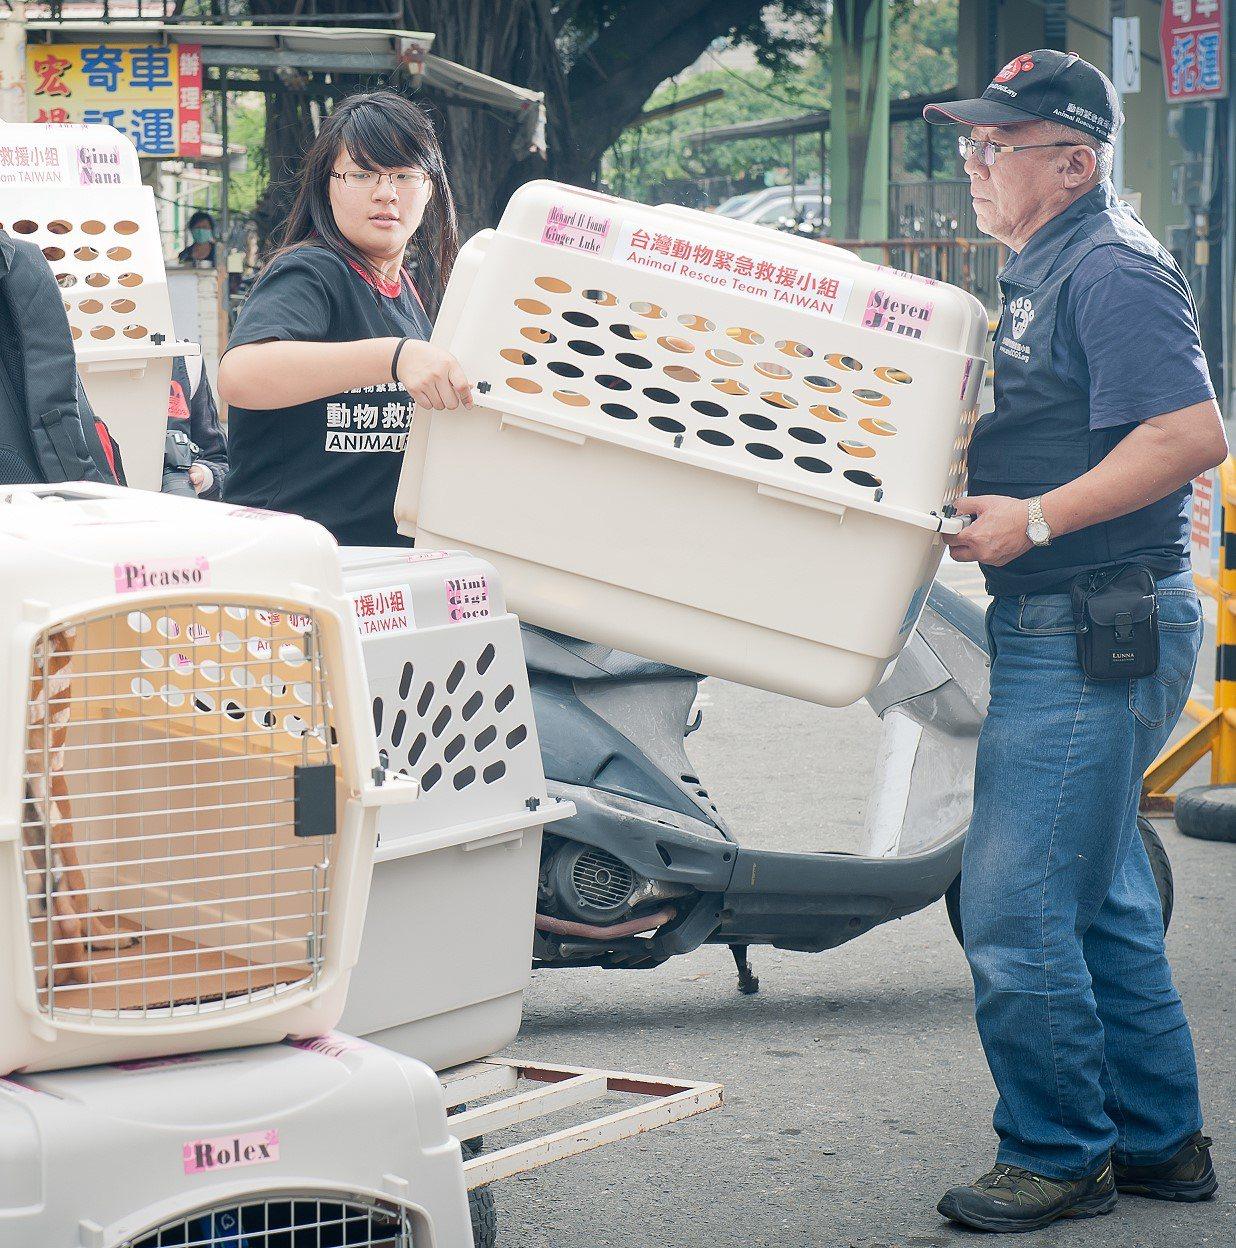 運送動物應該要用通風良好的器具。圖/台灣動物緊急救援小組提供